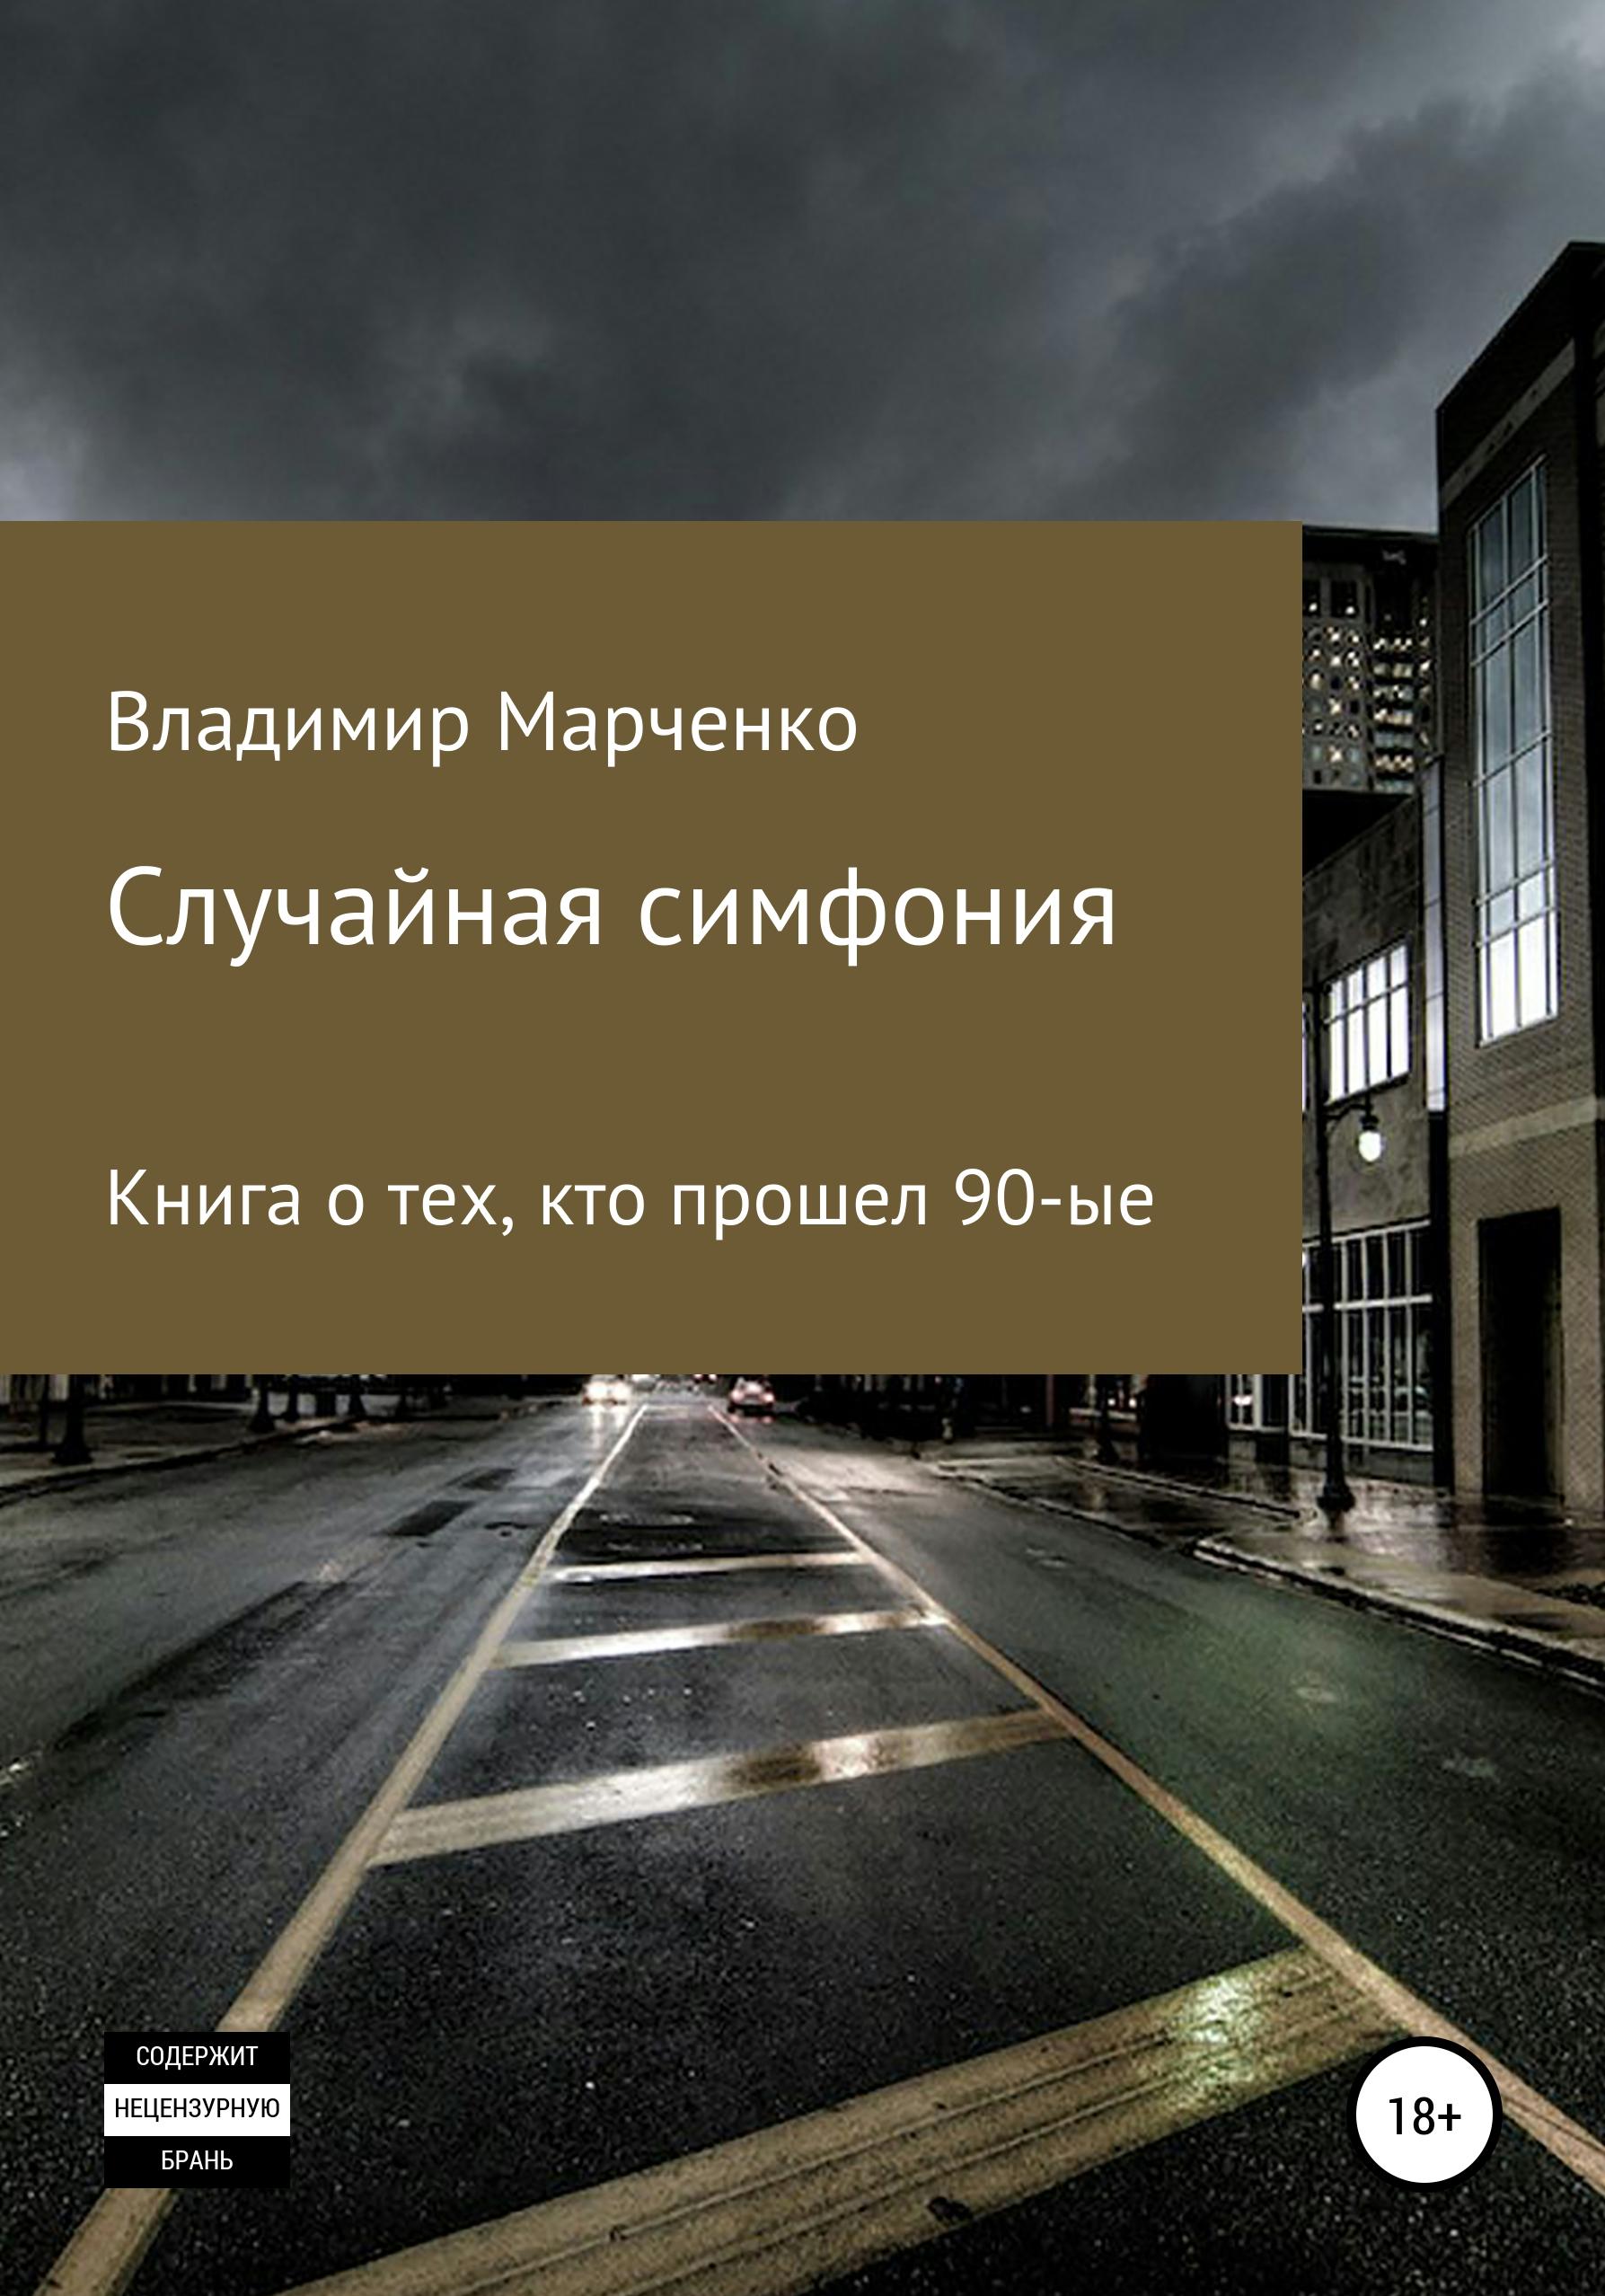 Владимир Марченко - Случайная симфония